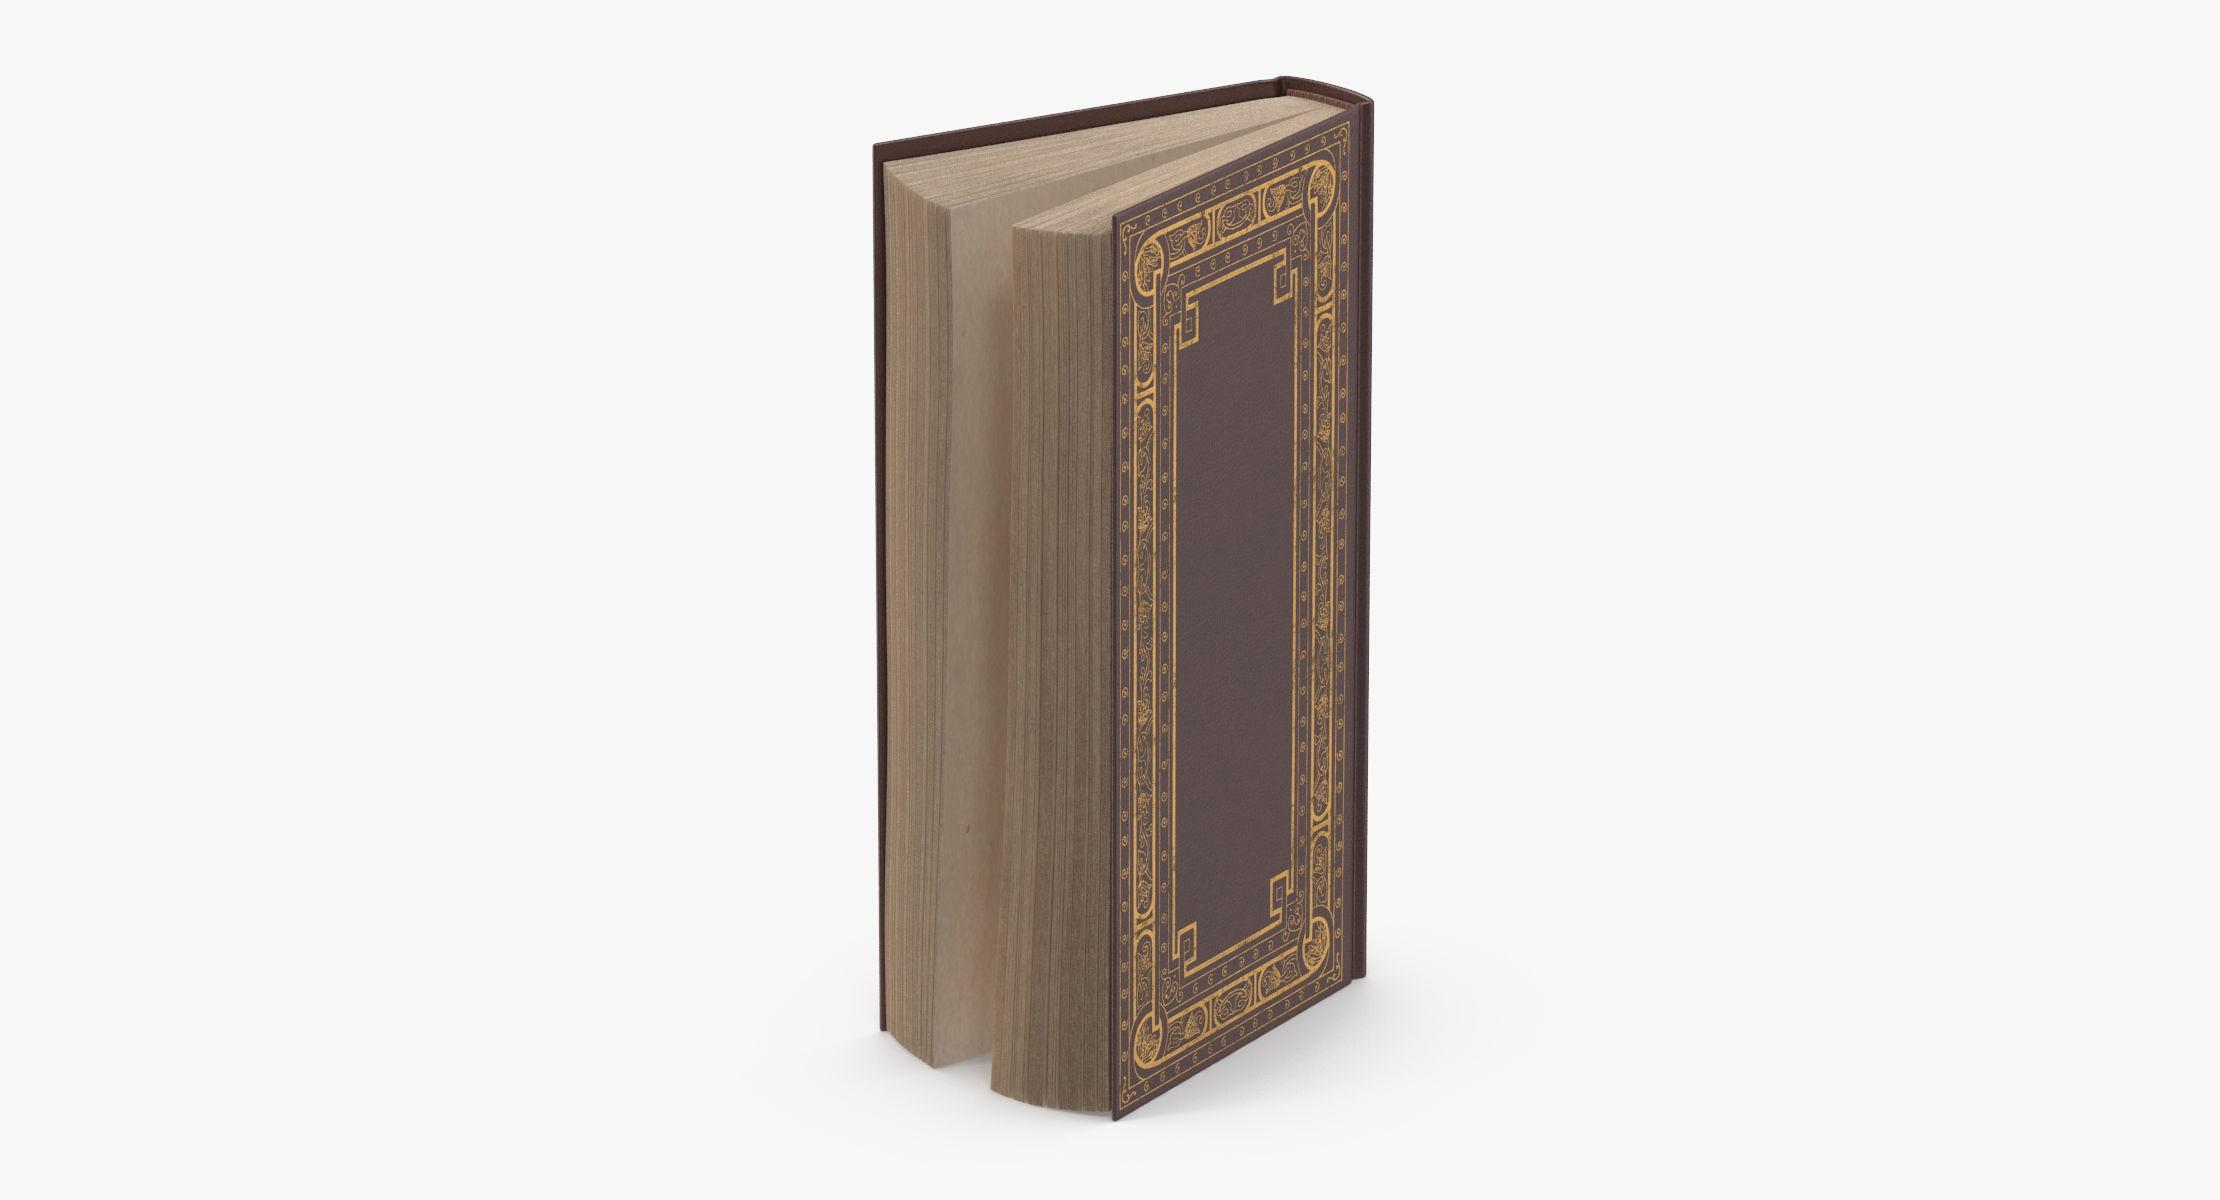 Classic Book 02 Standing Open - reel 1